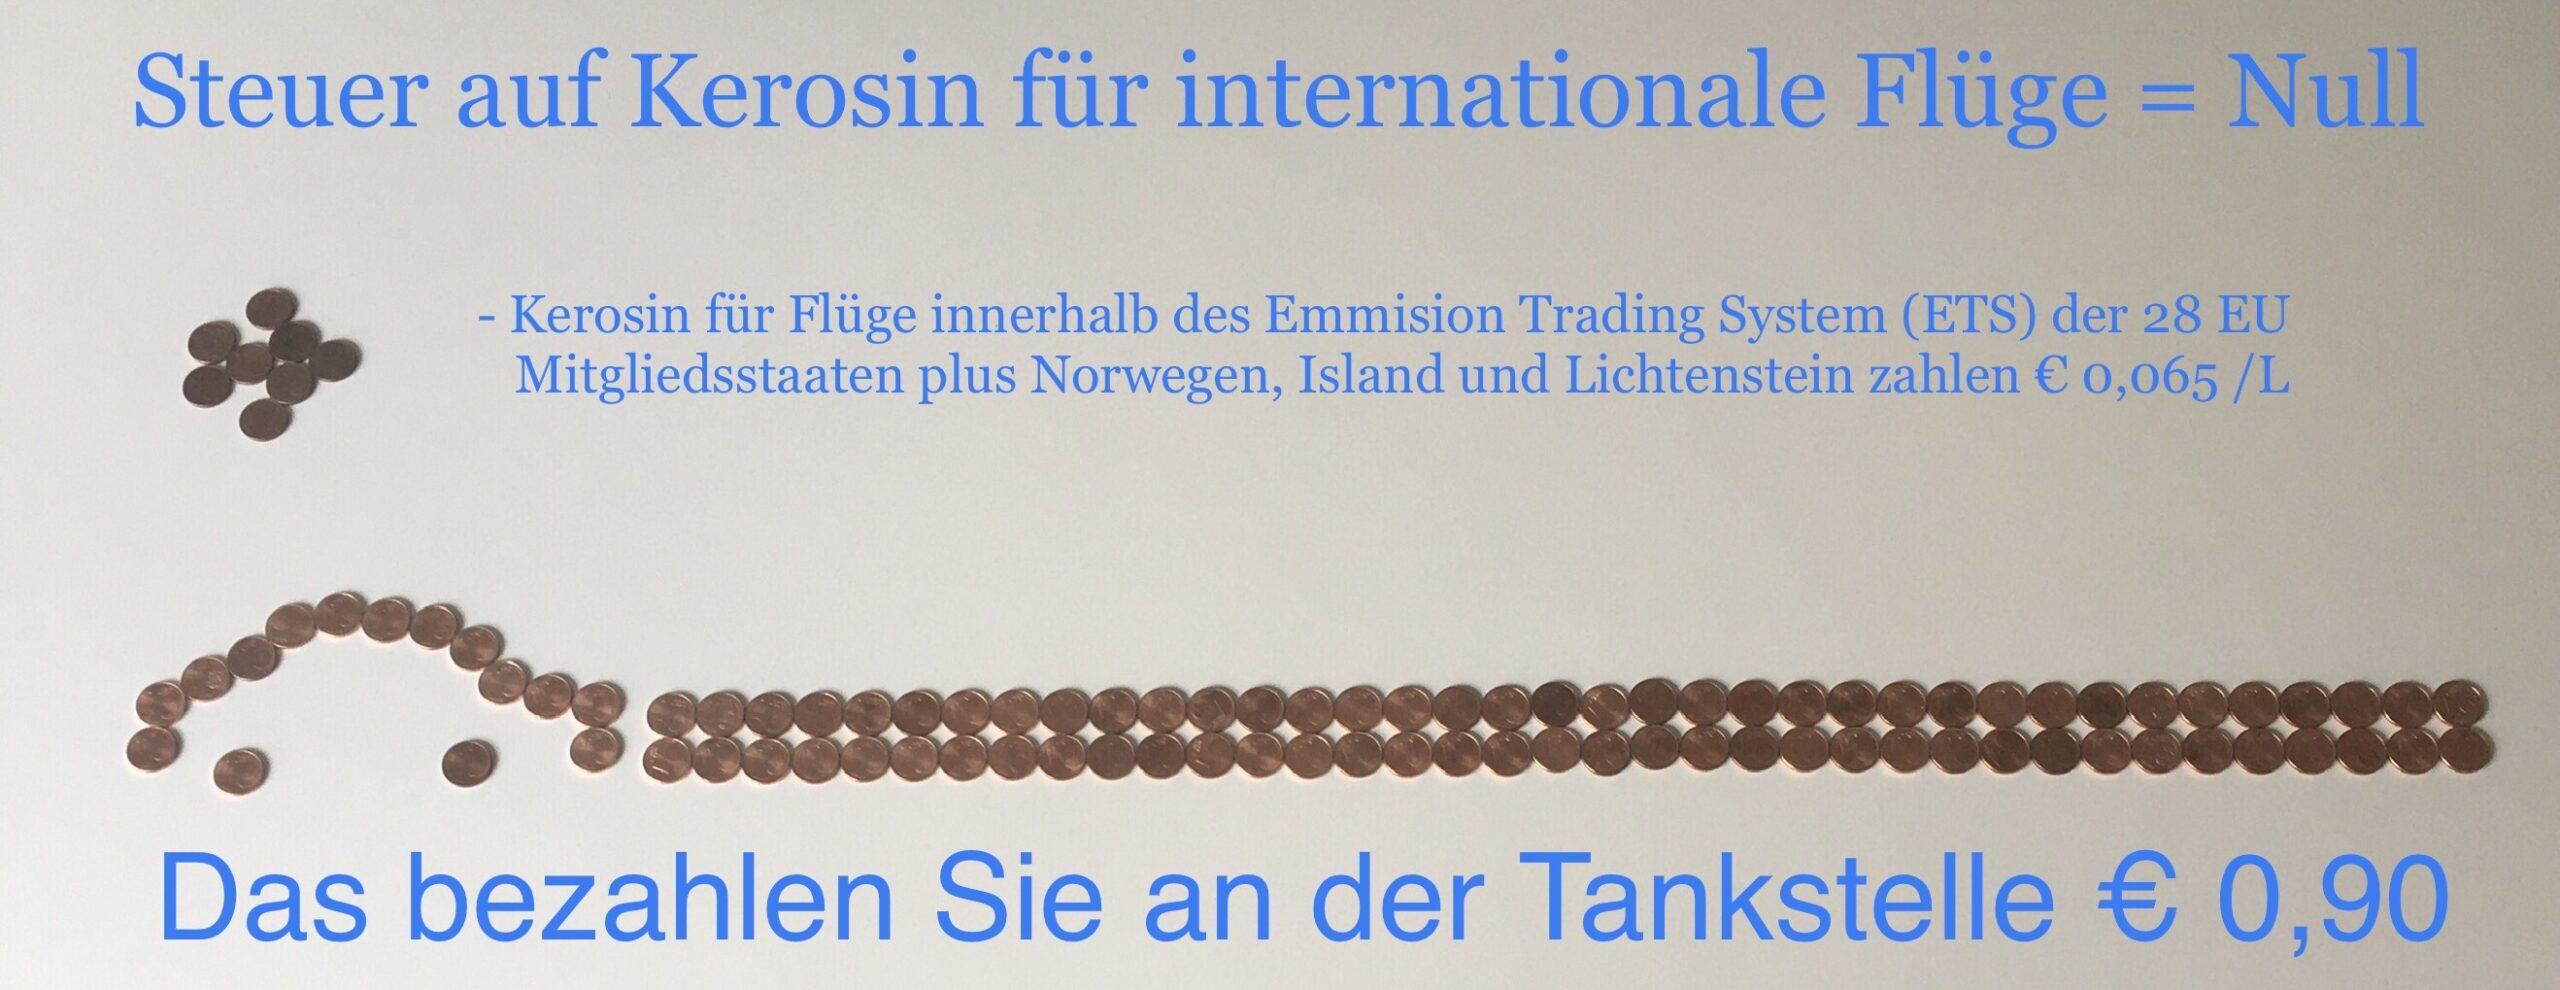 Steuer auf Kerosin international, innerhalb EU ETS und Benzin